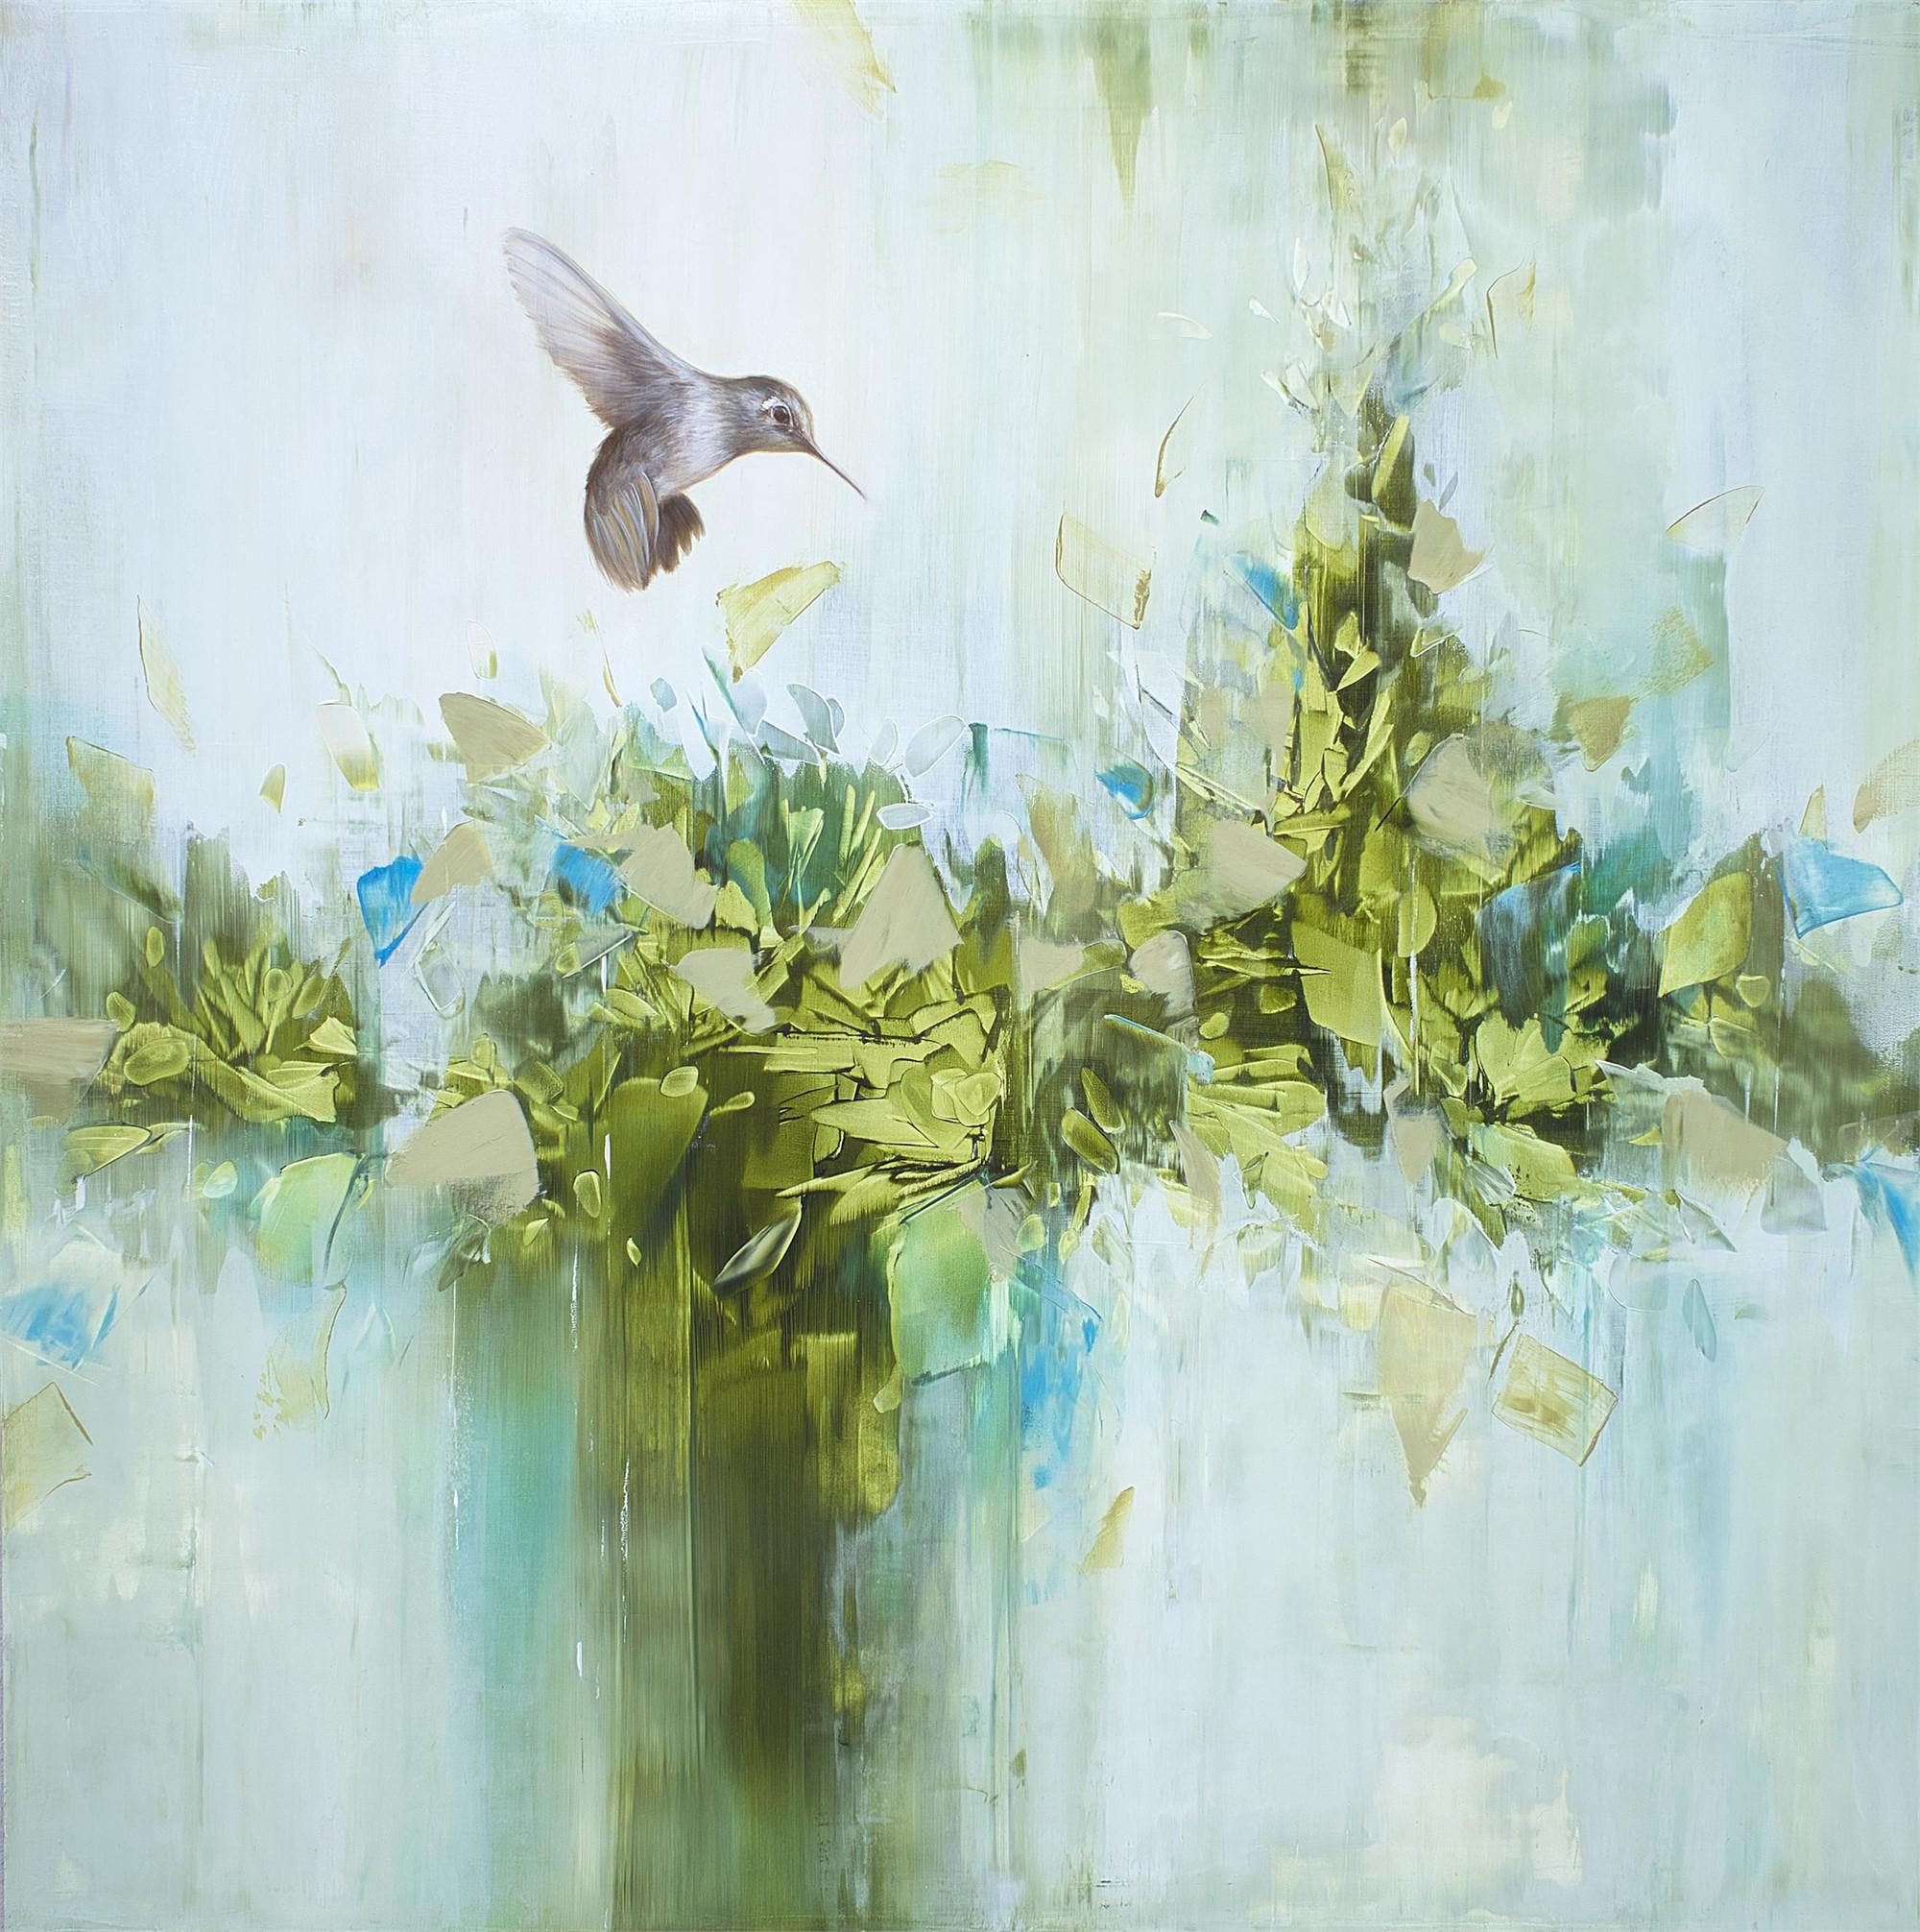 Garden Bloom II by Jessica Pisano